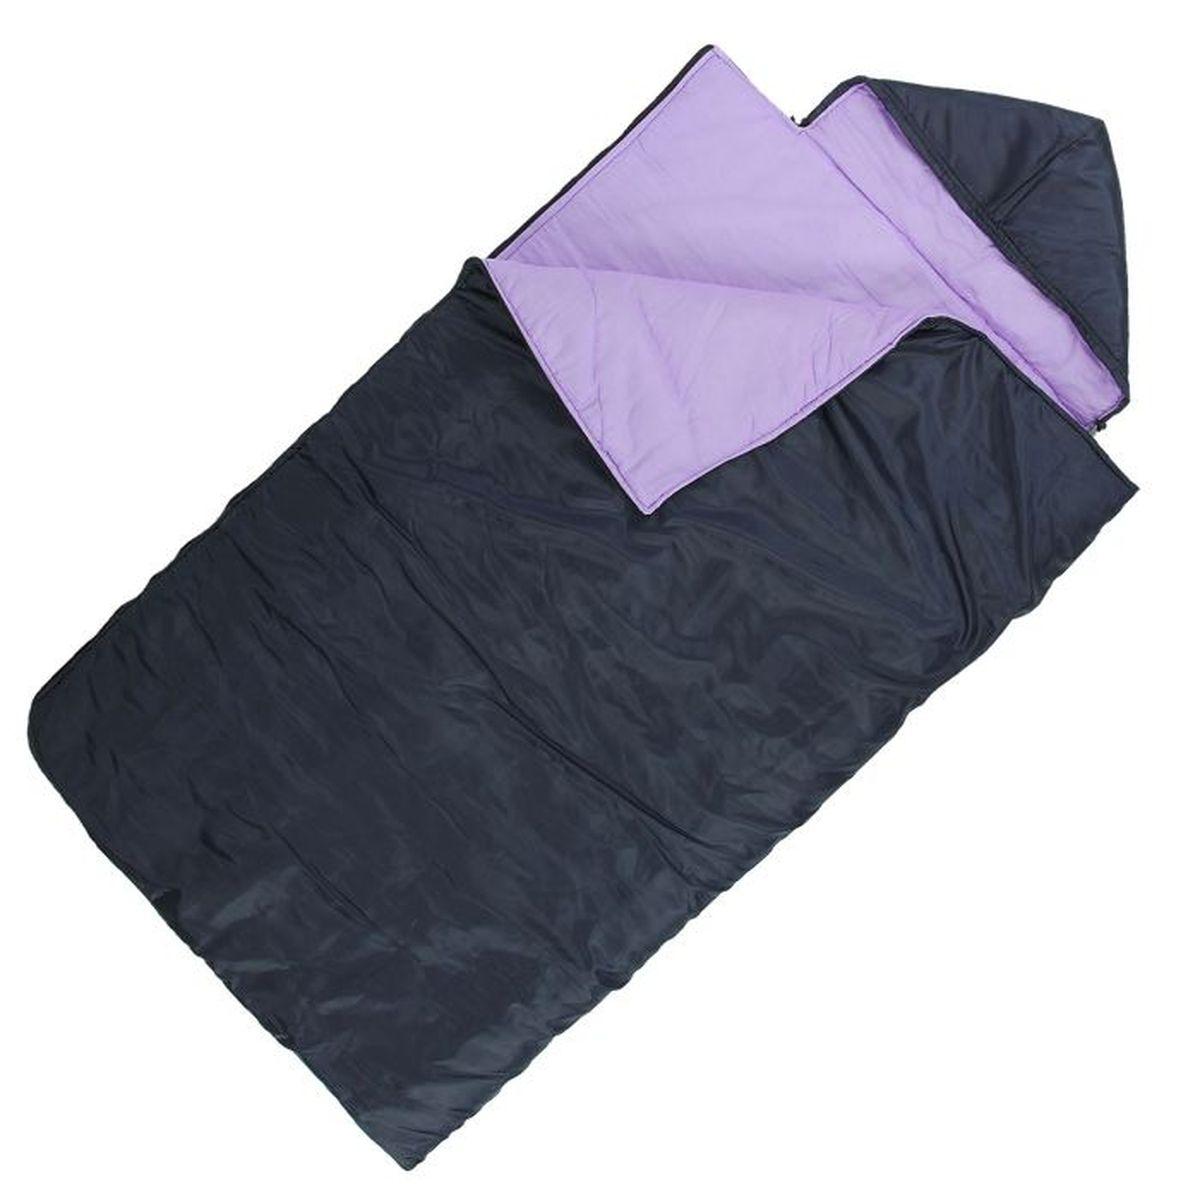 Спальный мешок Onlitop Престиж, увеличенный, цвет: черный, фиолетовый, правосторонняя молния. 10090811009081Комфортный, просторный и очень теплый 3-х сезонный спальник предназначен для походов и для отдыха на природе не только в летнее время, но и в прохладные дни весенне-осеннего периода. В теплое время спальный мешок можно использовать как одеяло (в том числе и дома).